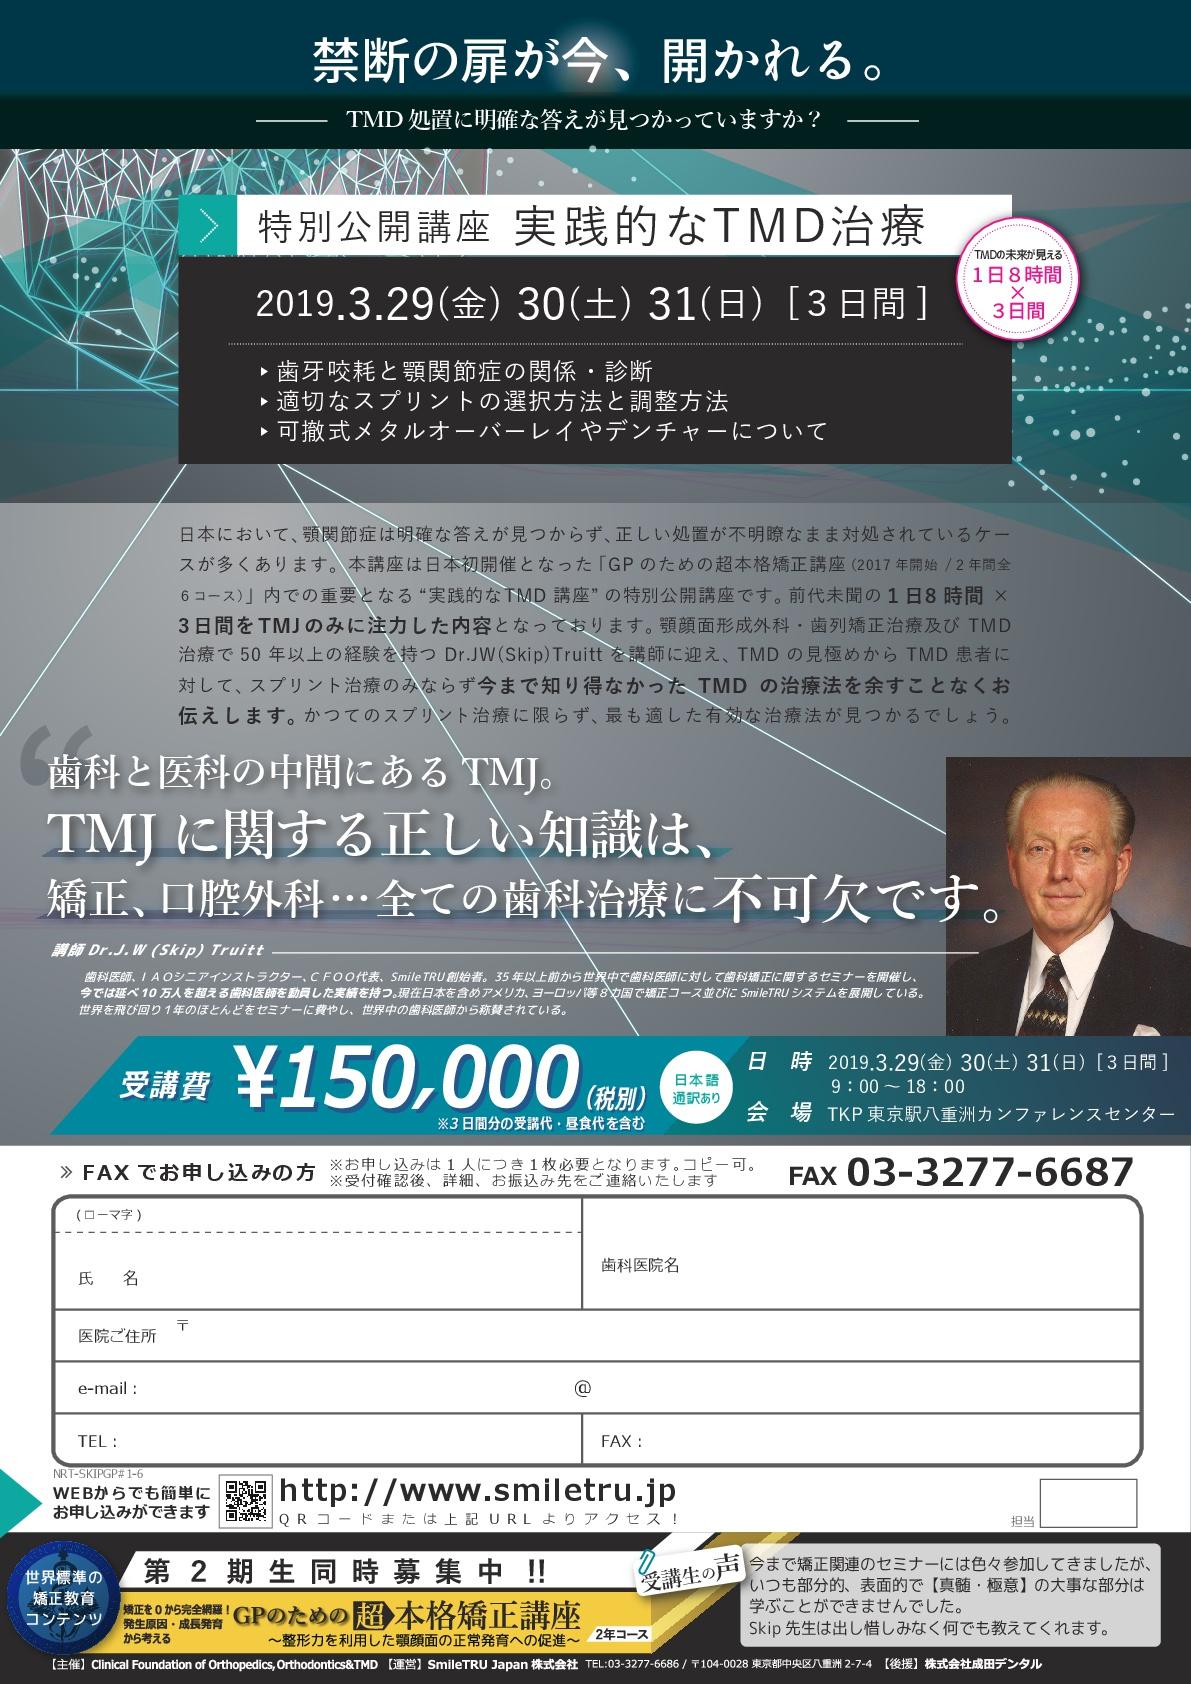 特別公開講座:実践的なTMD治療 (3日間)